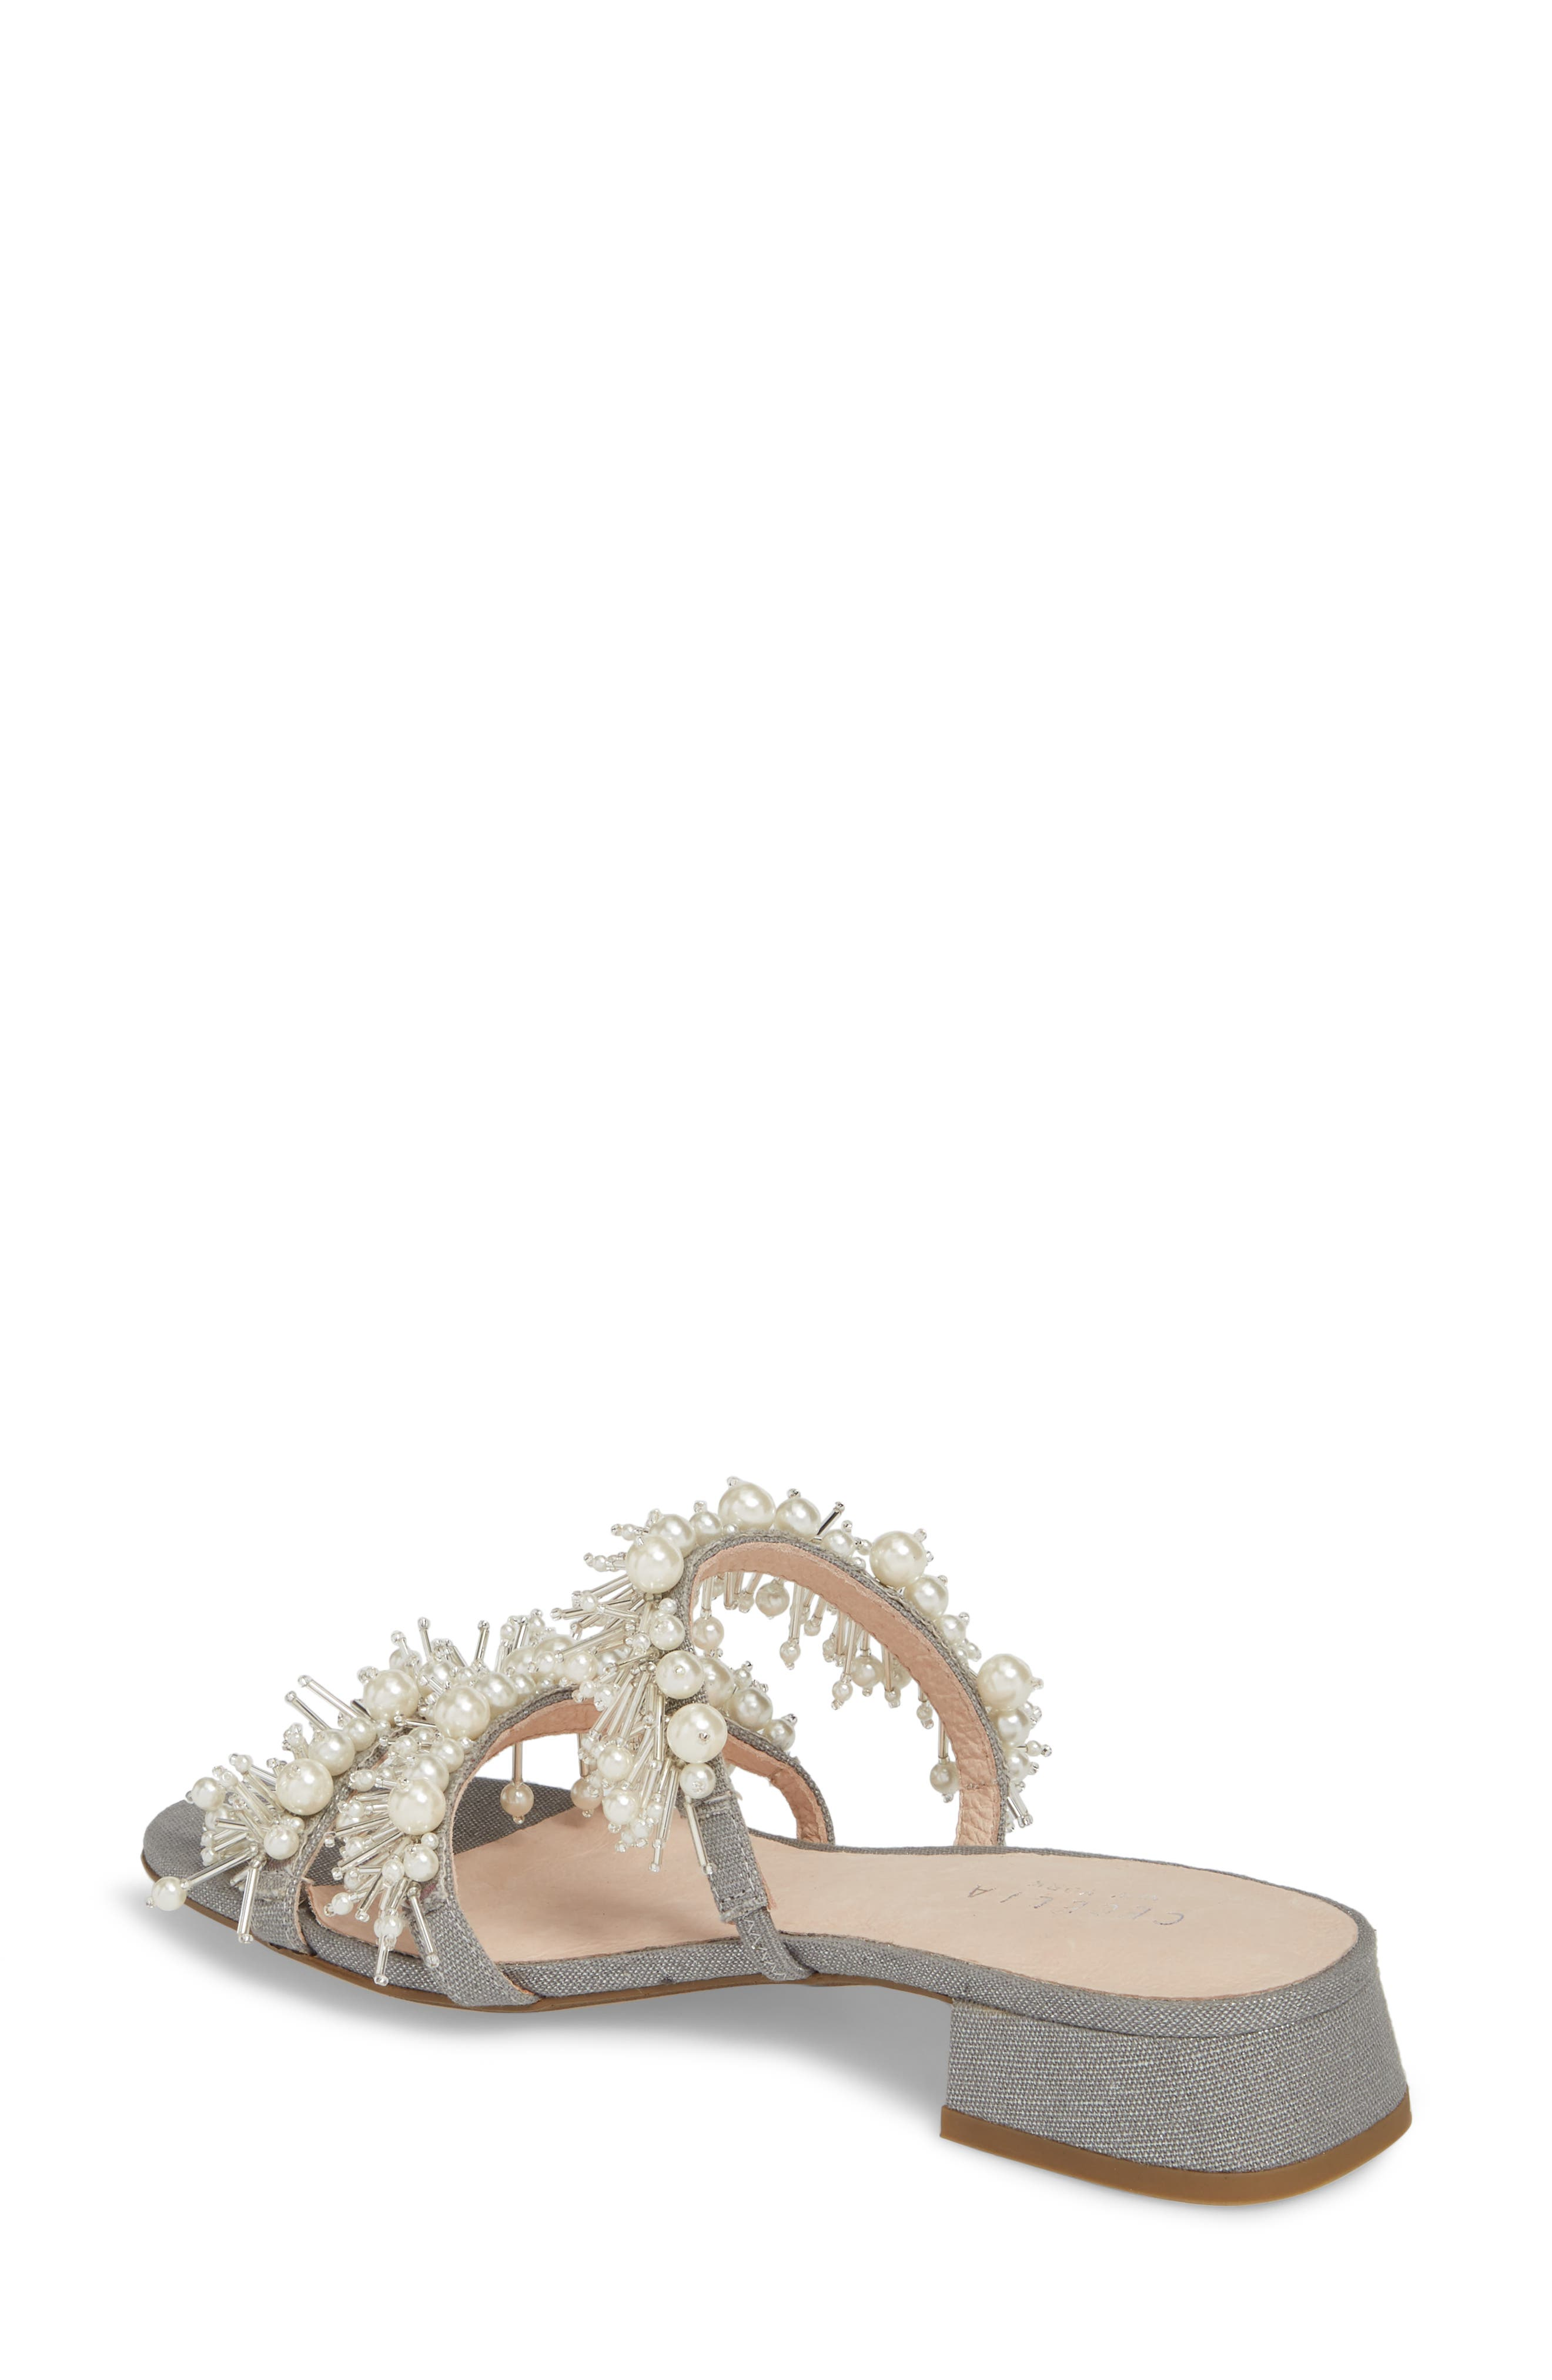 Fes Embellished Slide Sandal,                             Alternate thumbnail 2, color,                             Grey Fabric